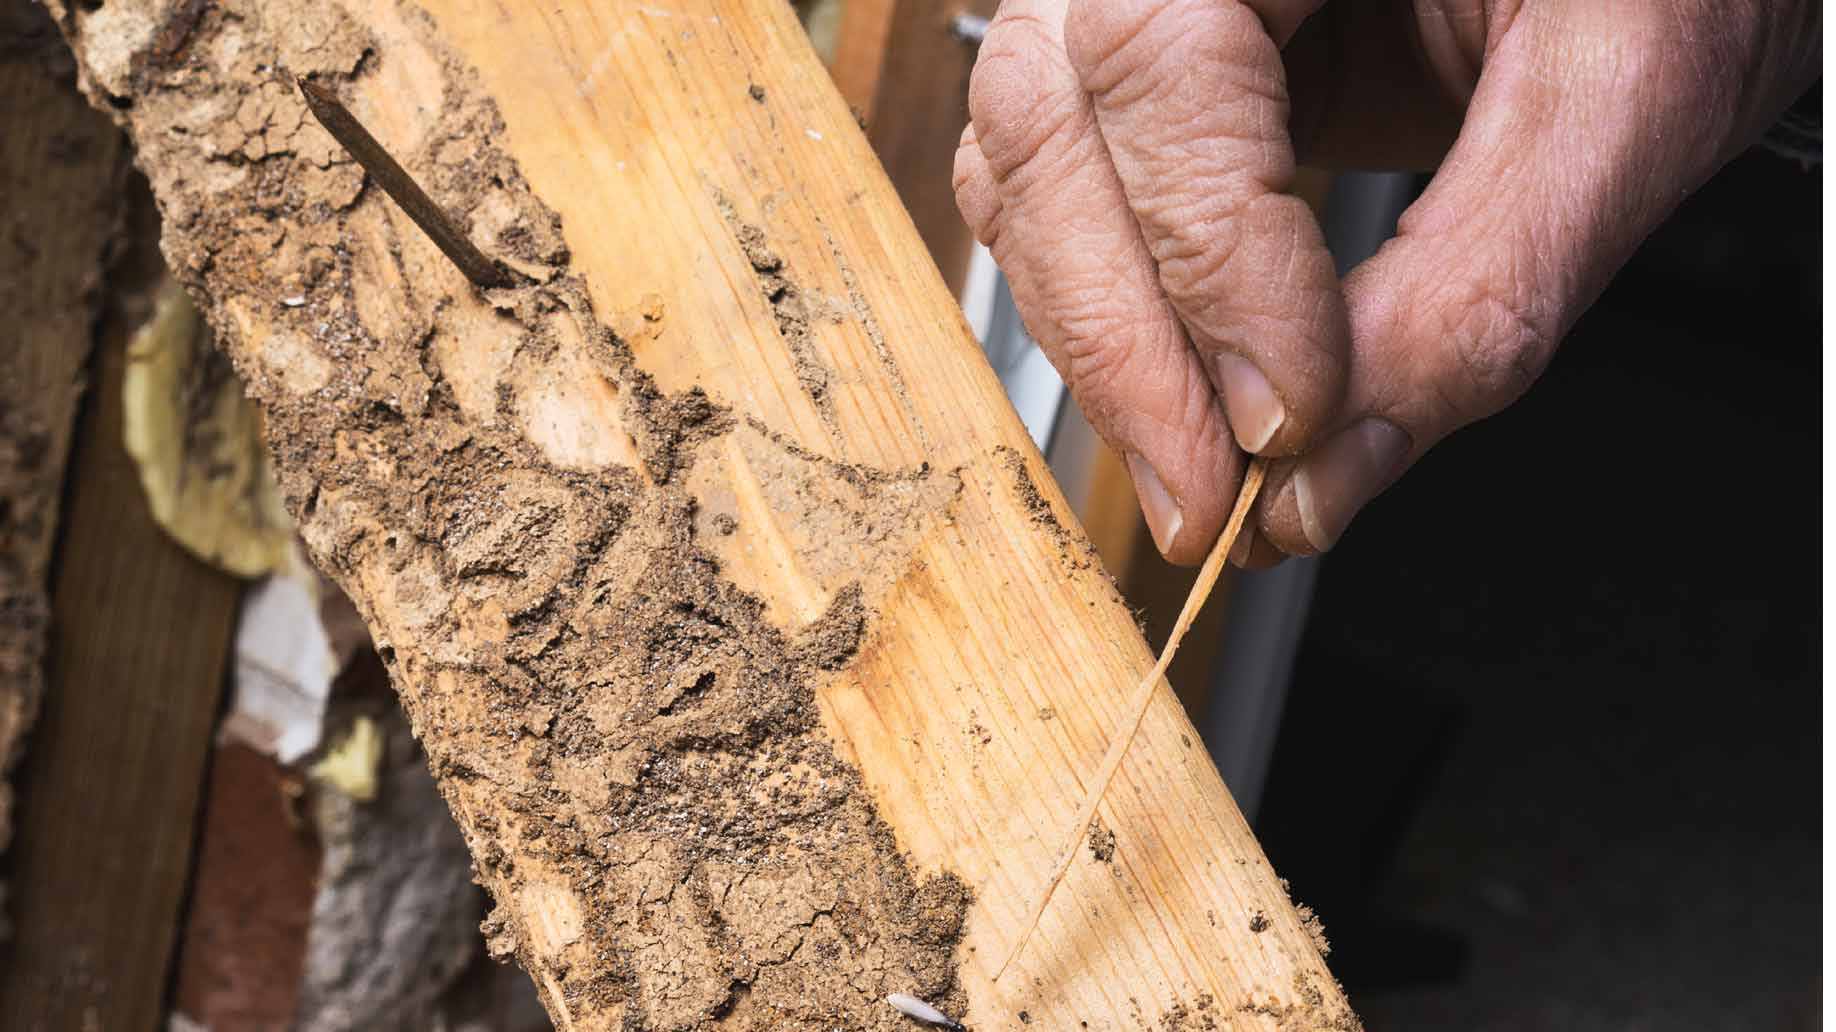 Термиты в доме. как избавиться от термитов? жуки-короеды, шашель, термиты: как бороться с вредителями древесины термиты домашние